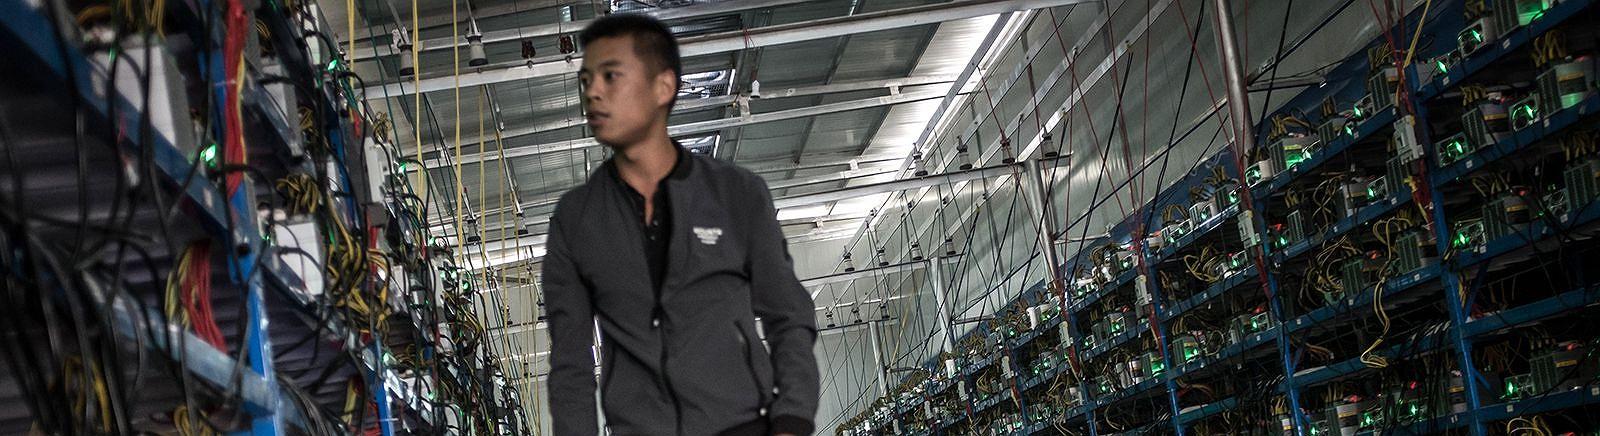 Como vivem os mineiros de bitcoins na China?